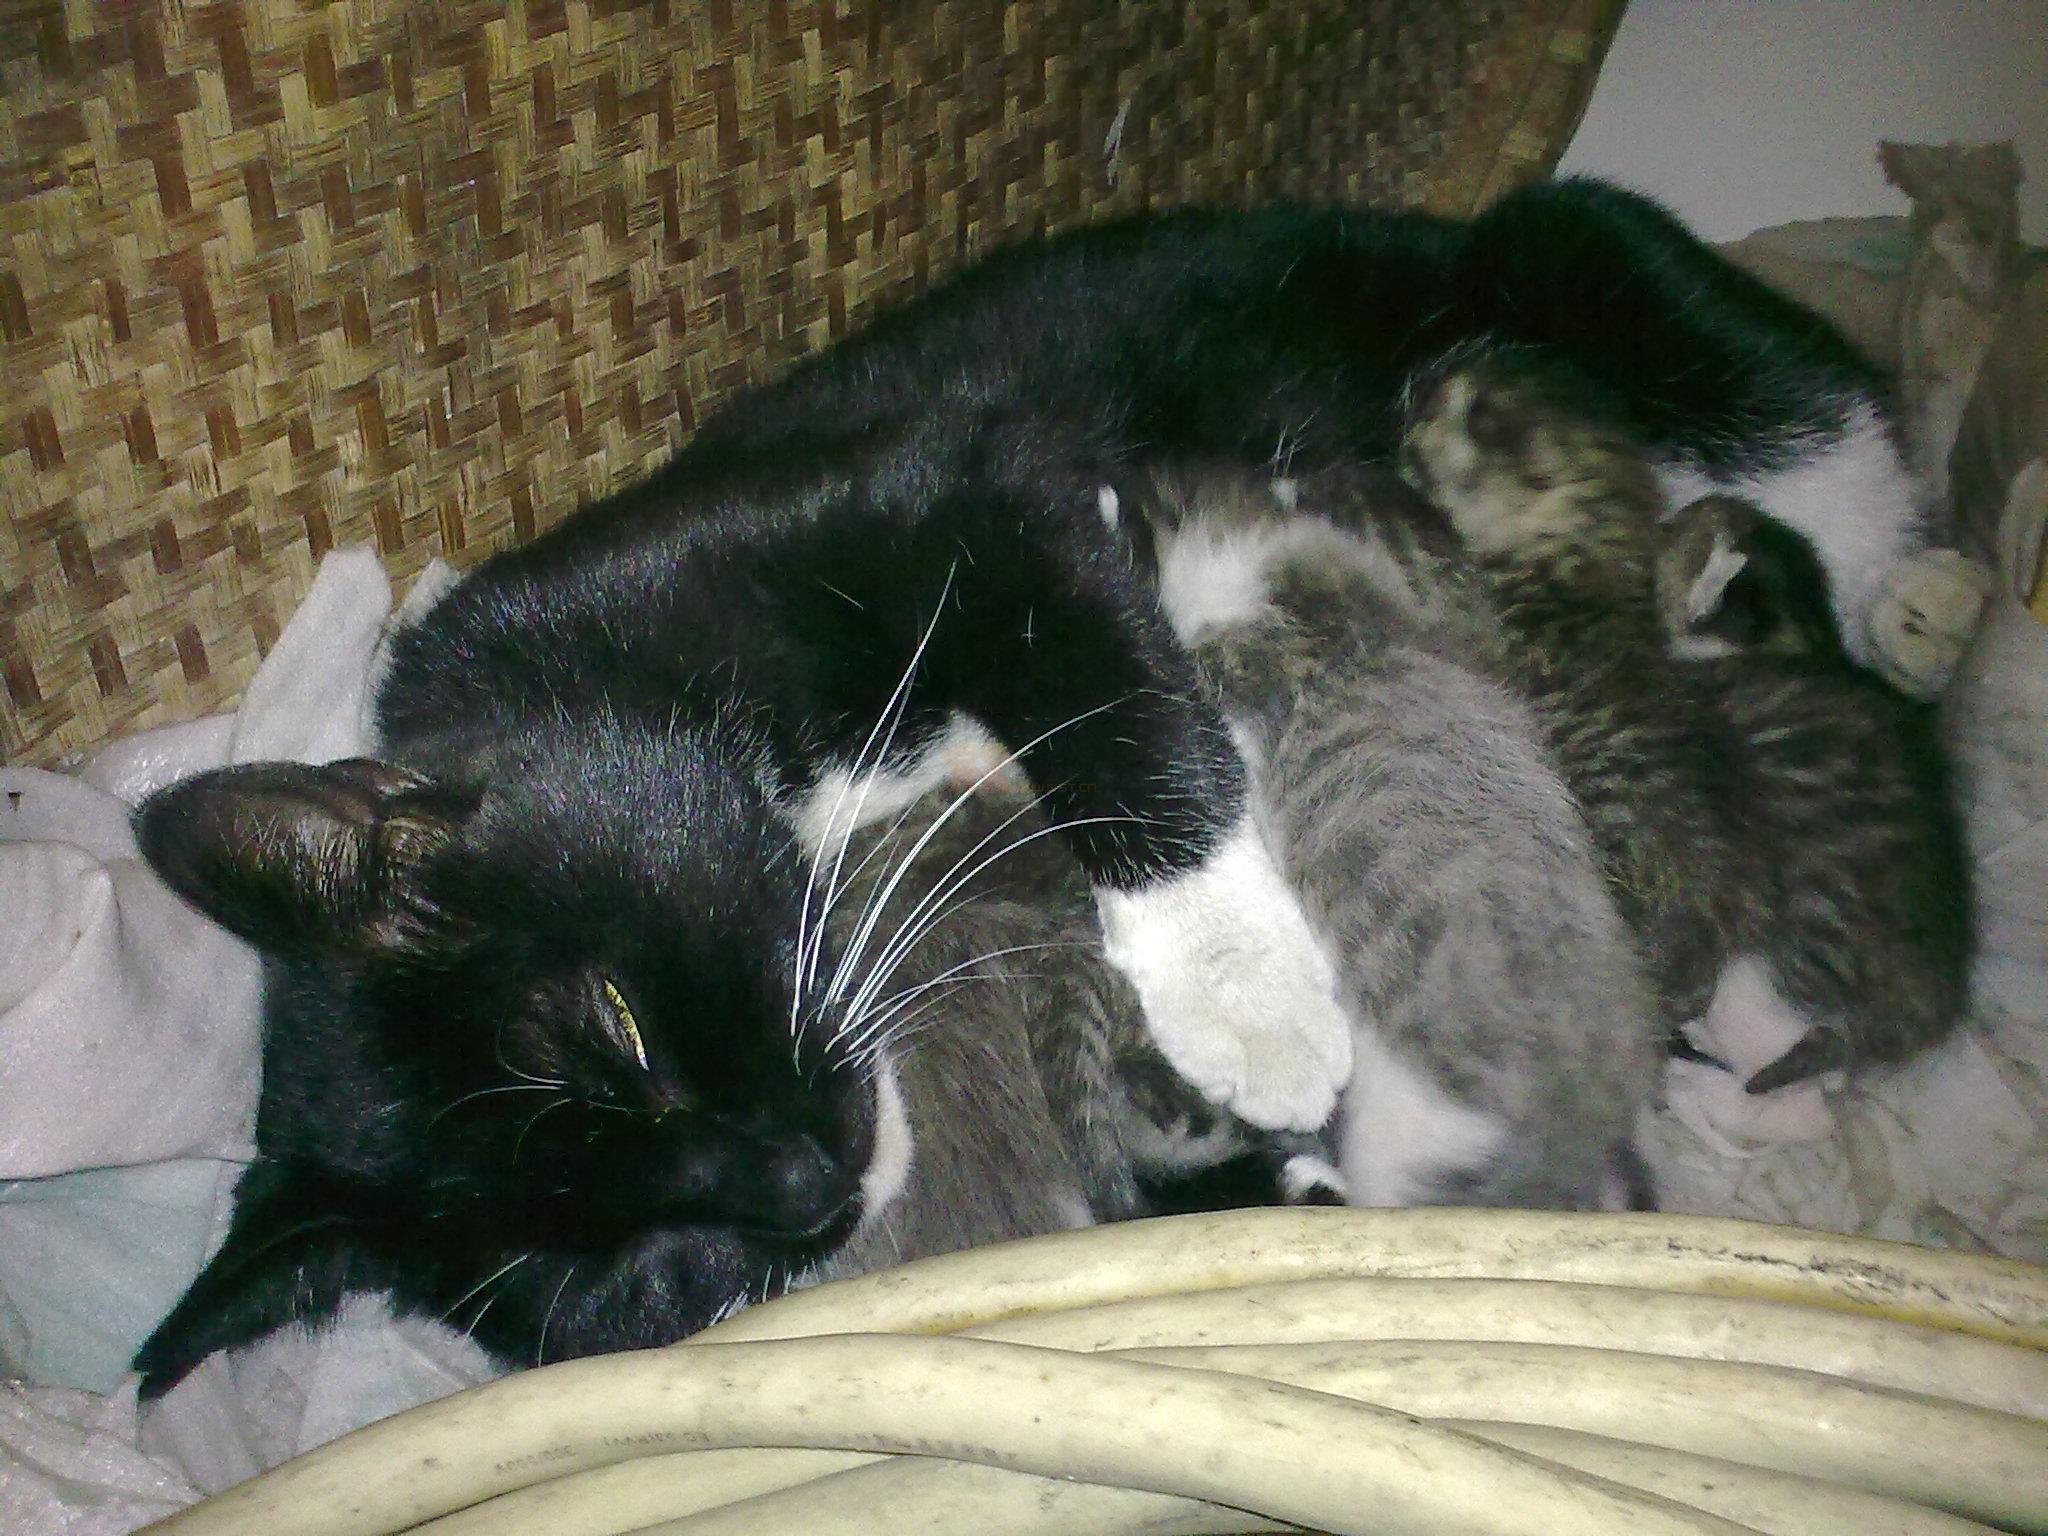 2010-3-18 偶家的黑猫警长生了7只可爱的小猫猫!现在小猫猫预定中.